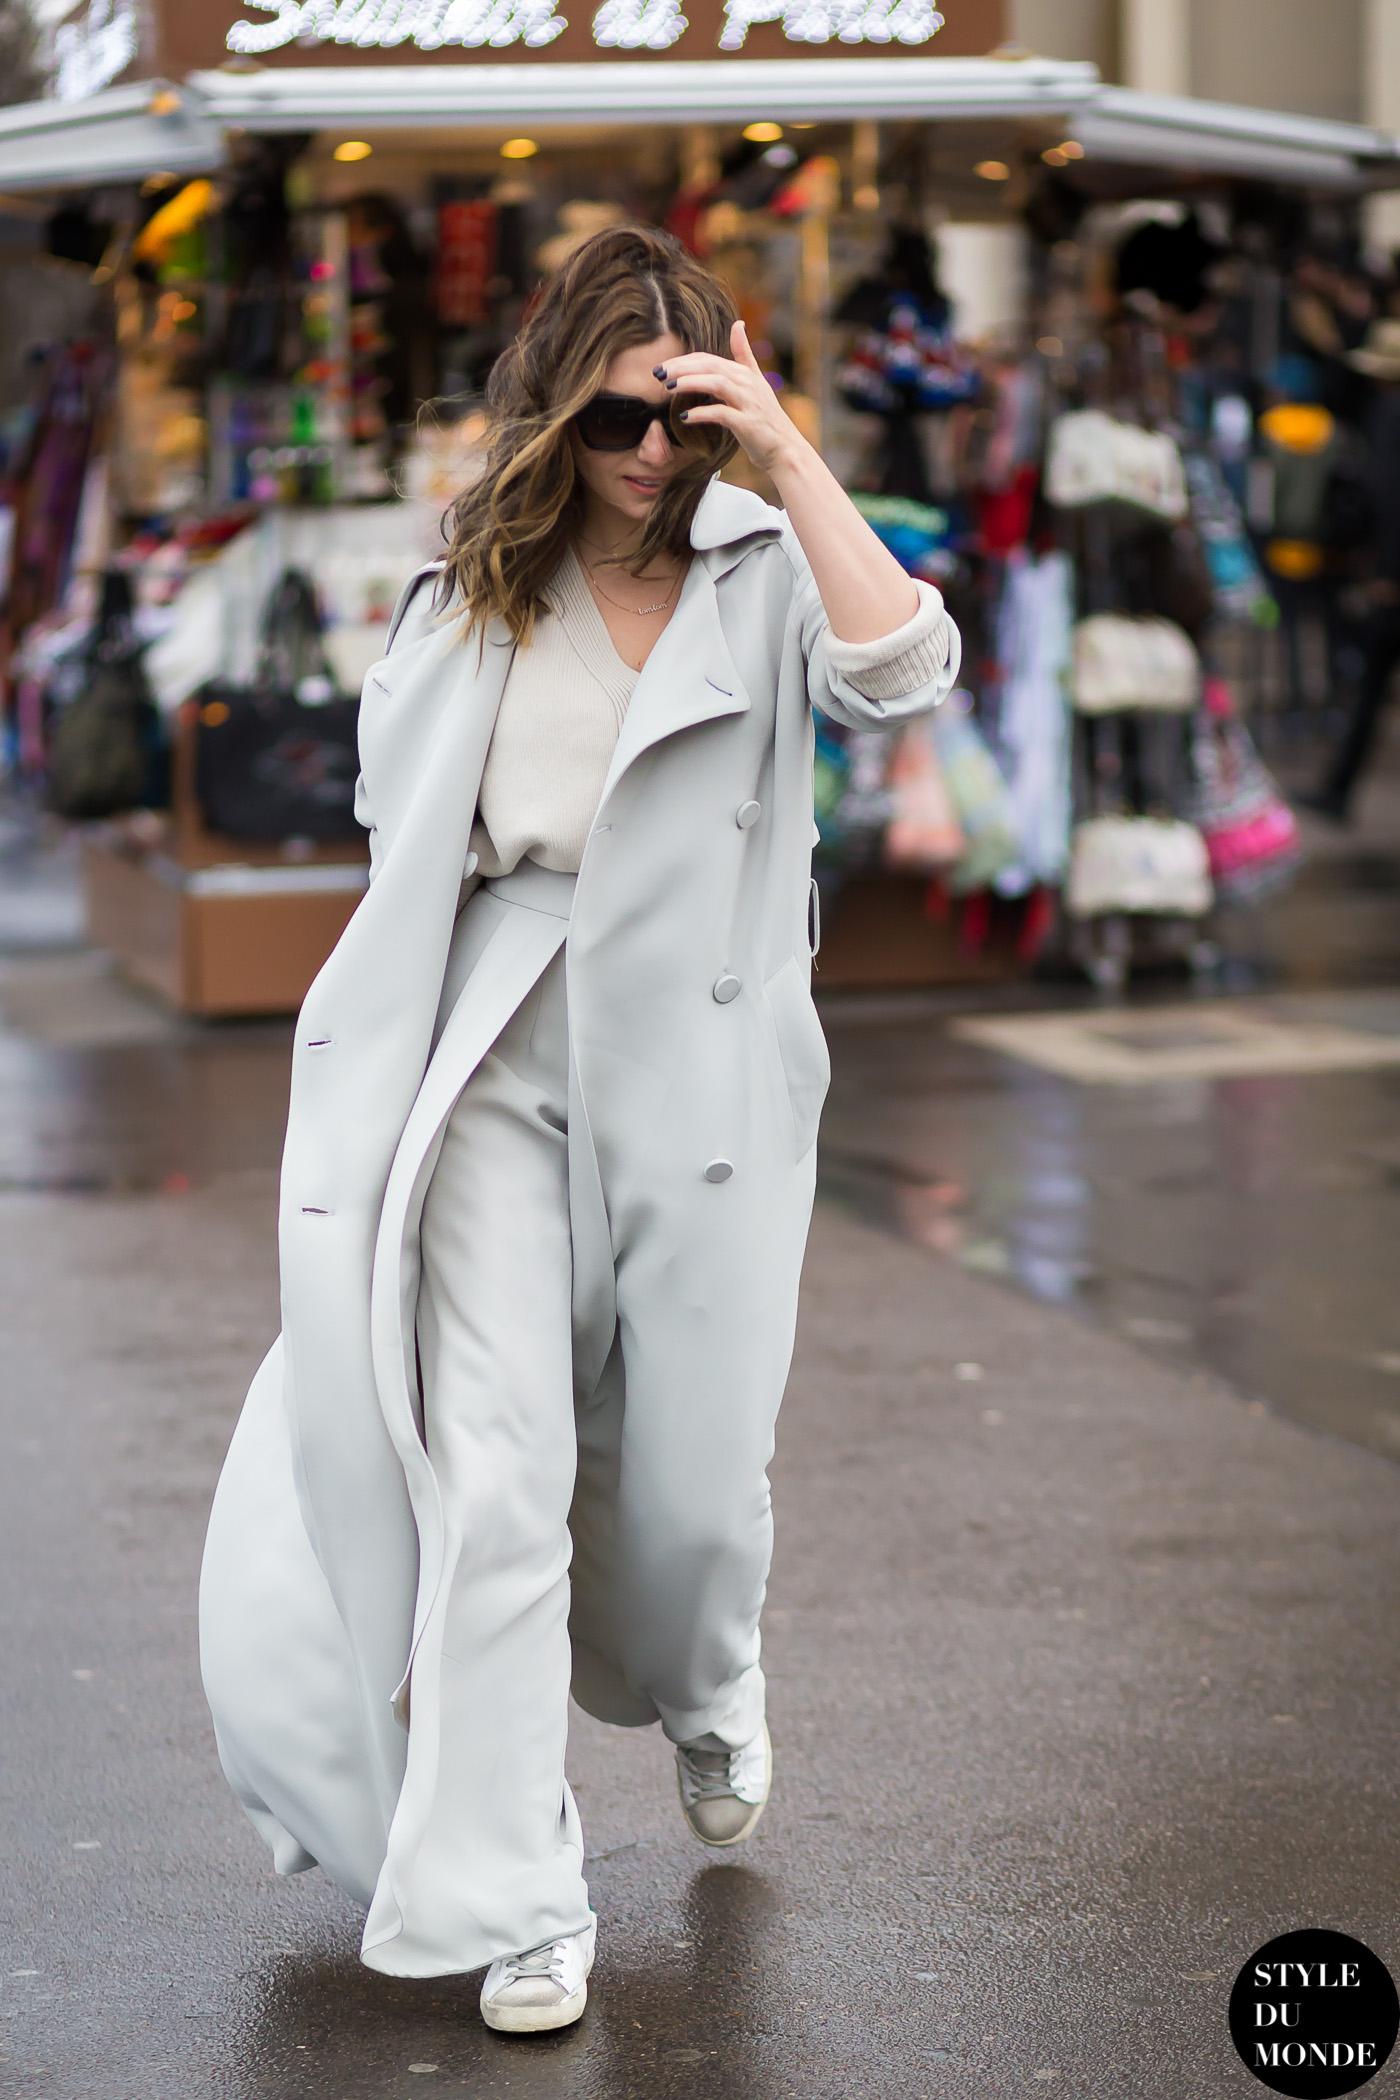 White trench coat - STYLE DU MONDE | Street Style Street Fashion Photos